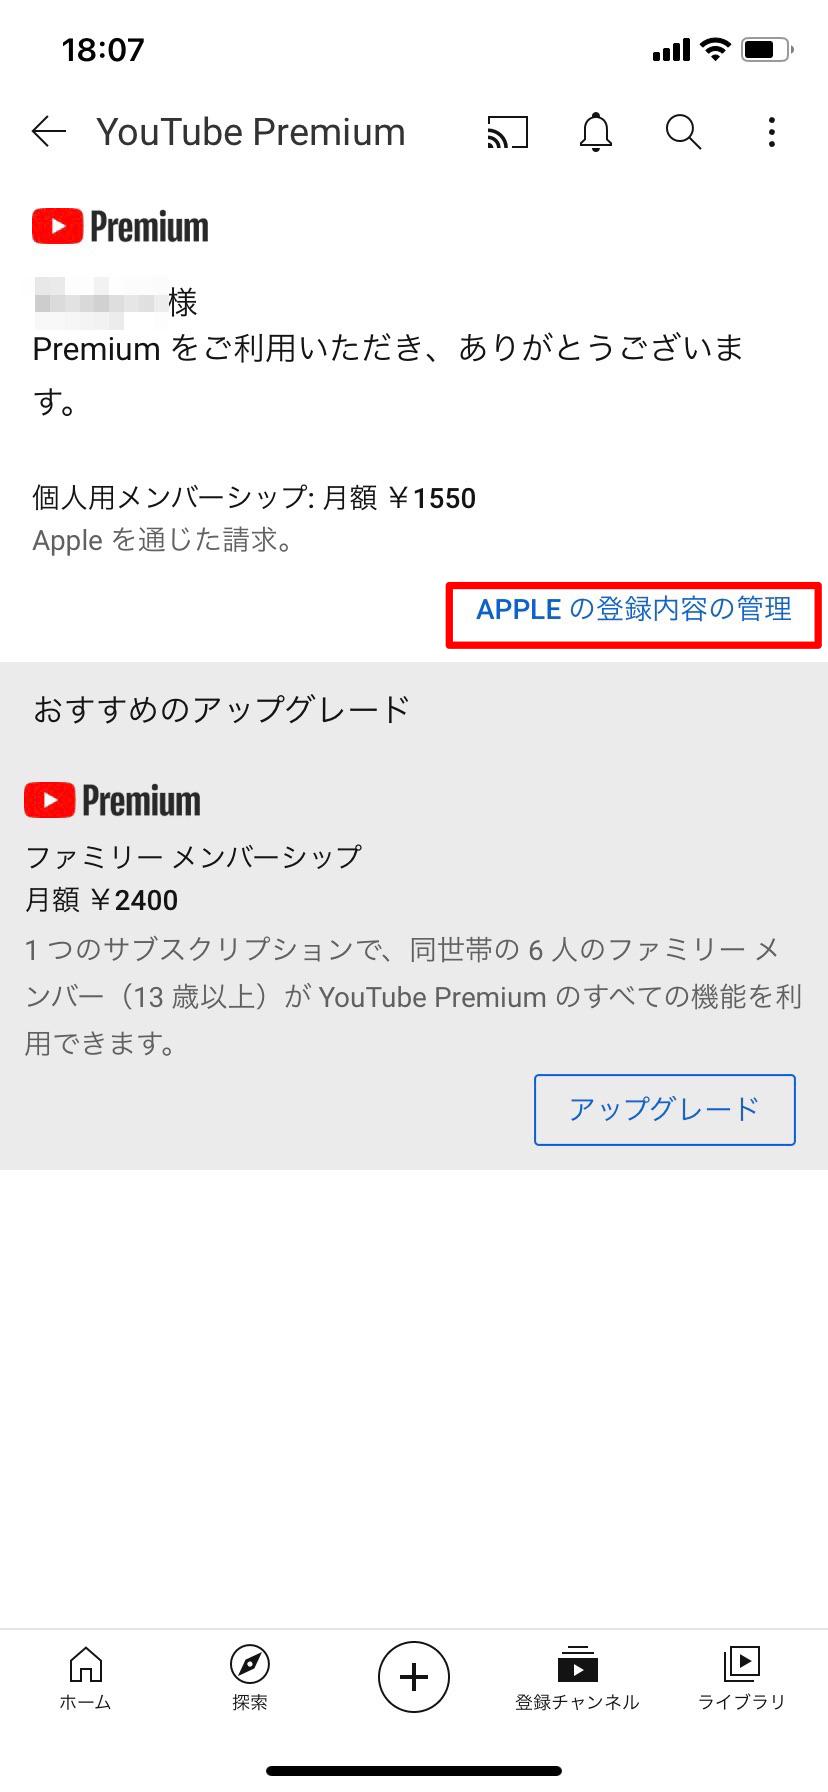 Appleの登録内容の管理